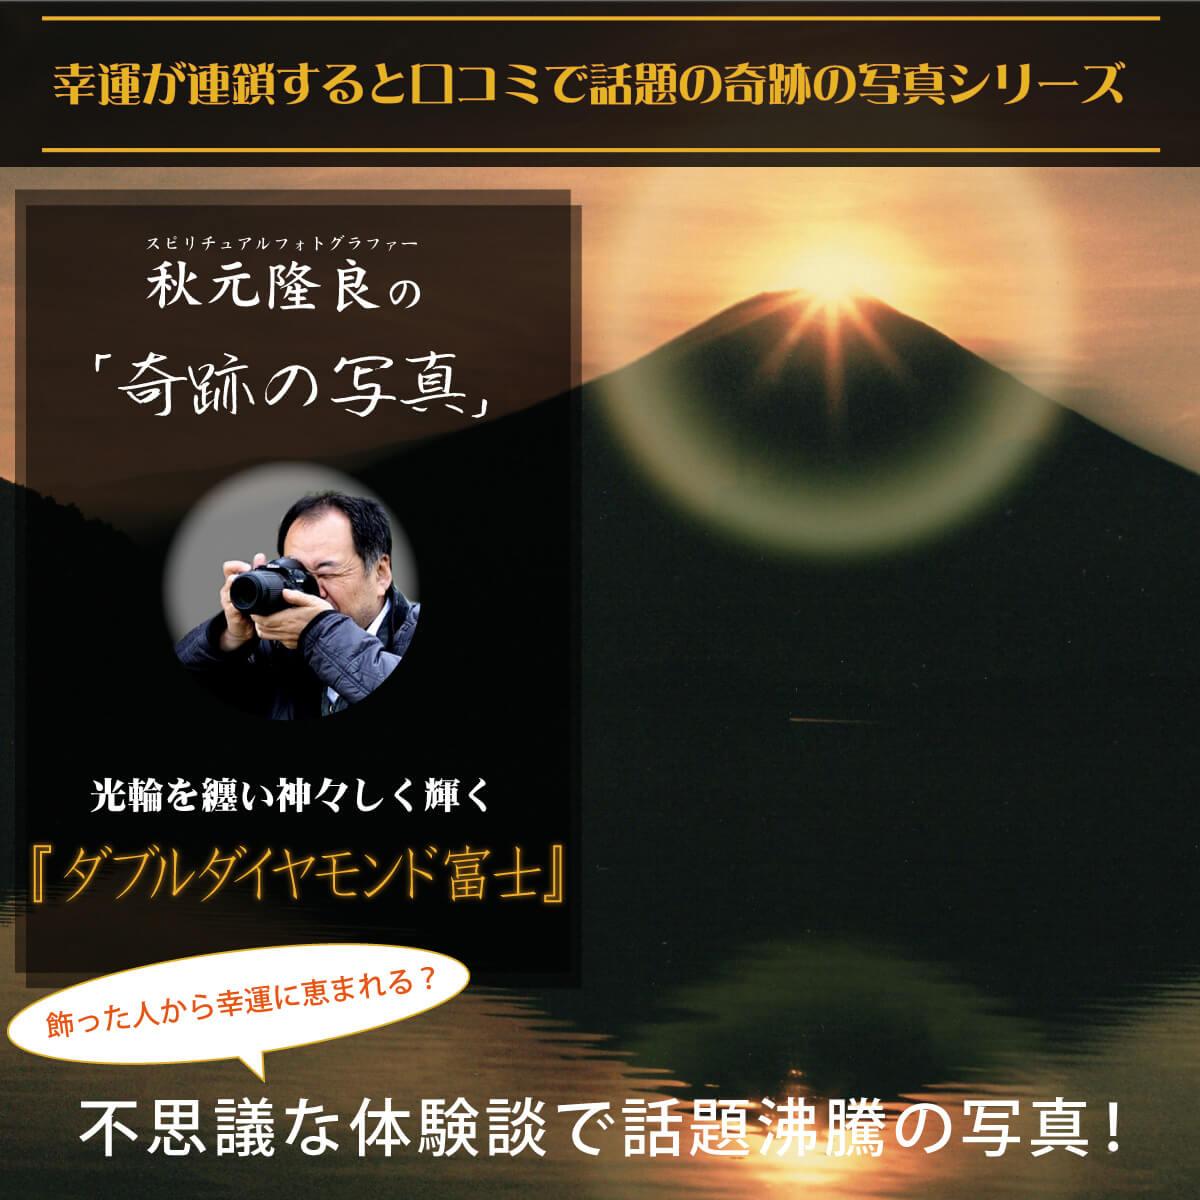 【奇跡の写真】ダブルダイヤモンド富士 ≫飾るだけで幸運が連鎖すると話題!秋元隆良の開運フォト作品 開運グッズ